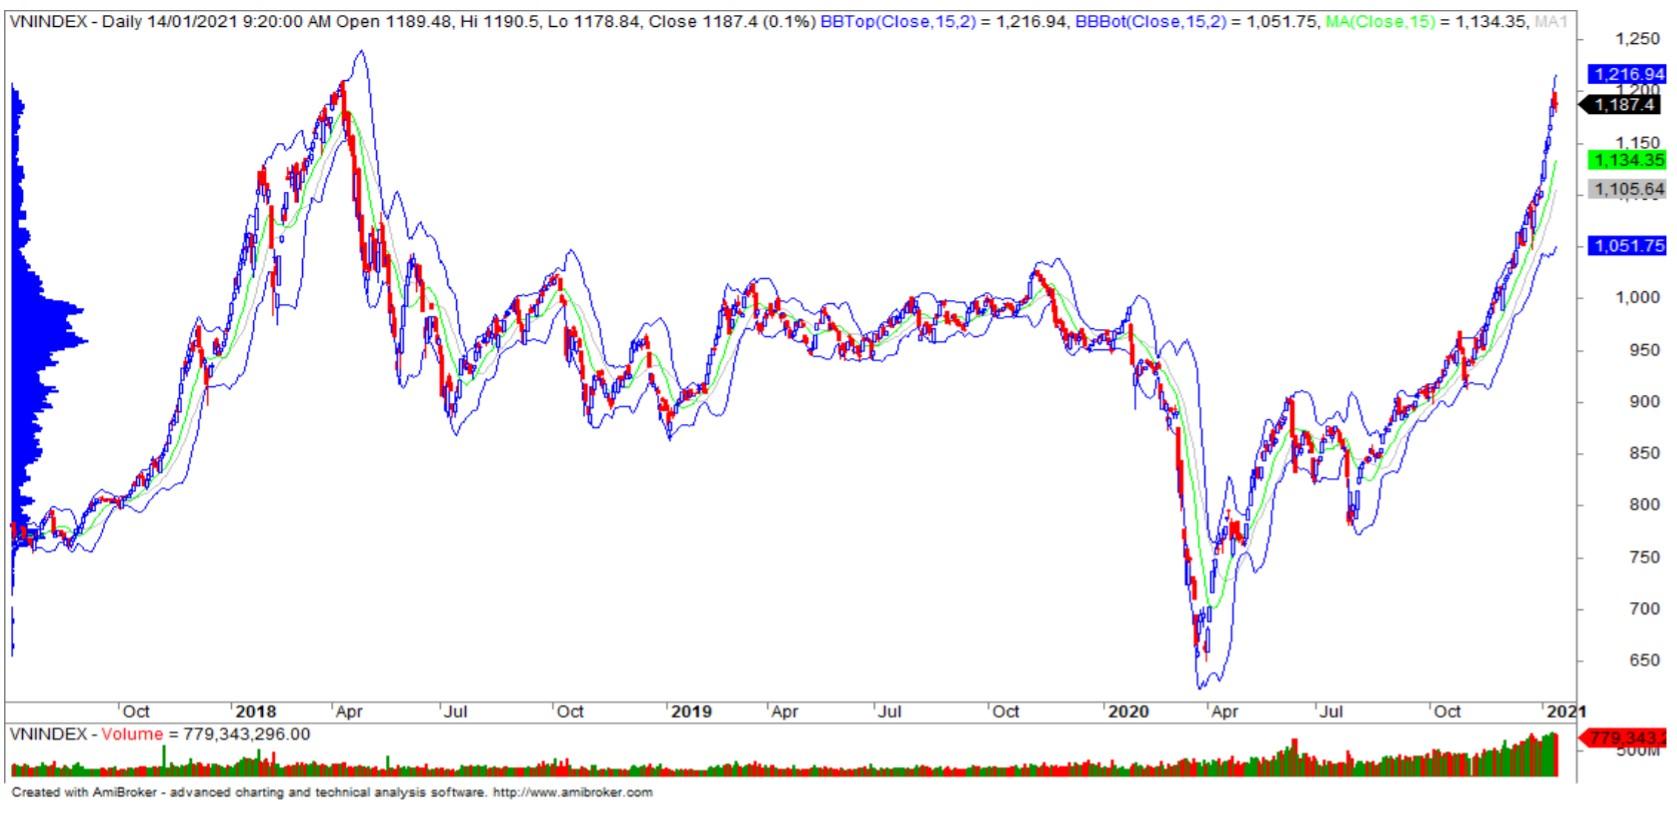 Nhận định thị trường chứng khoán ngày 15/1: Tiếp tục kiểm định lại ngưỡng 1.200 điểm - Ảnh 1.